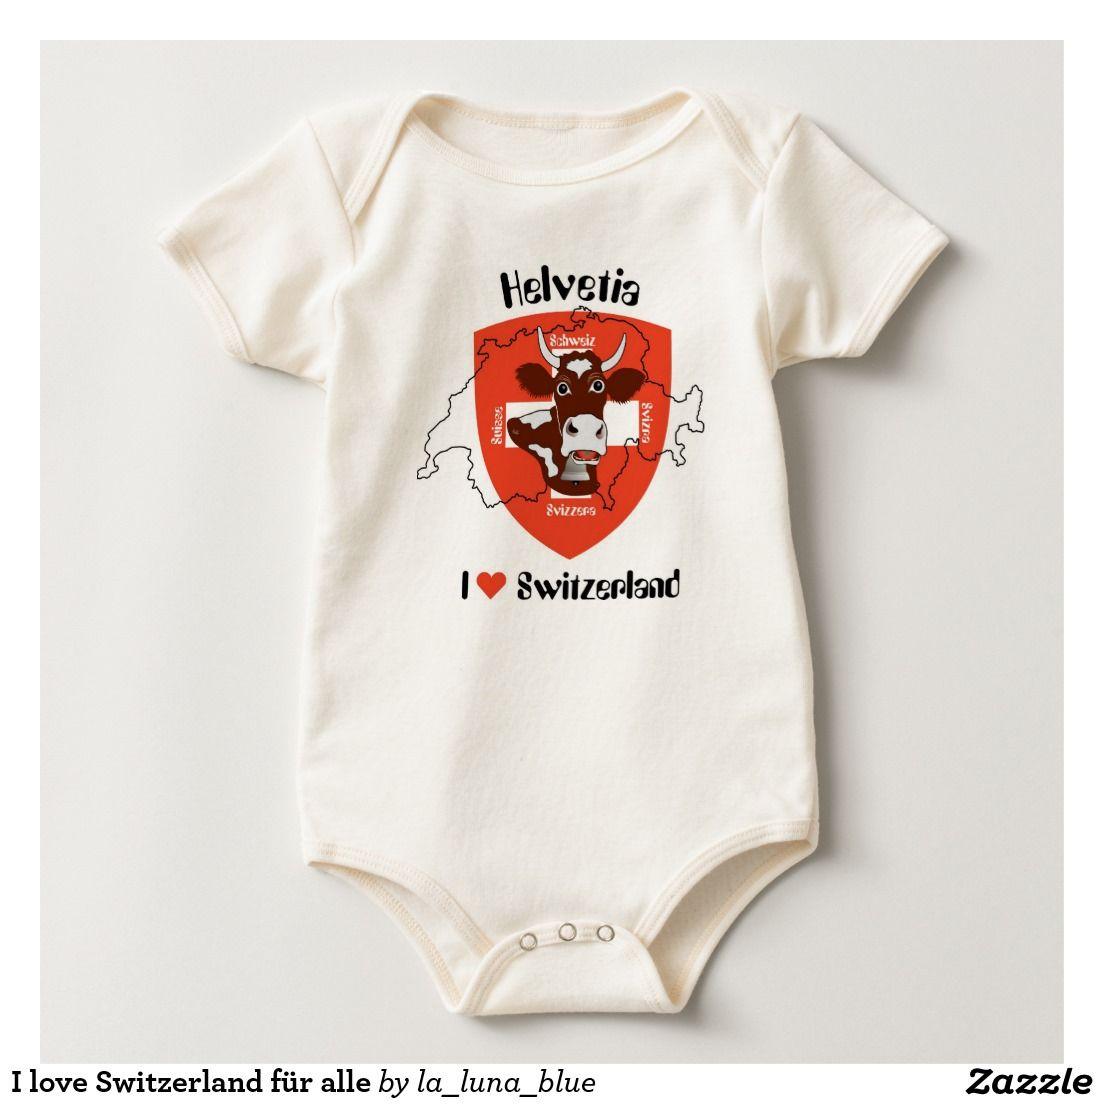 I love Switzerland für alle Baby Strampler